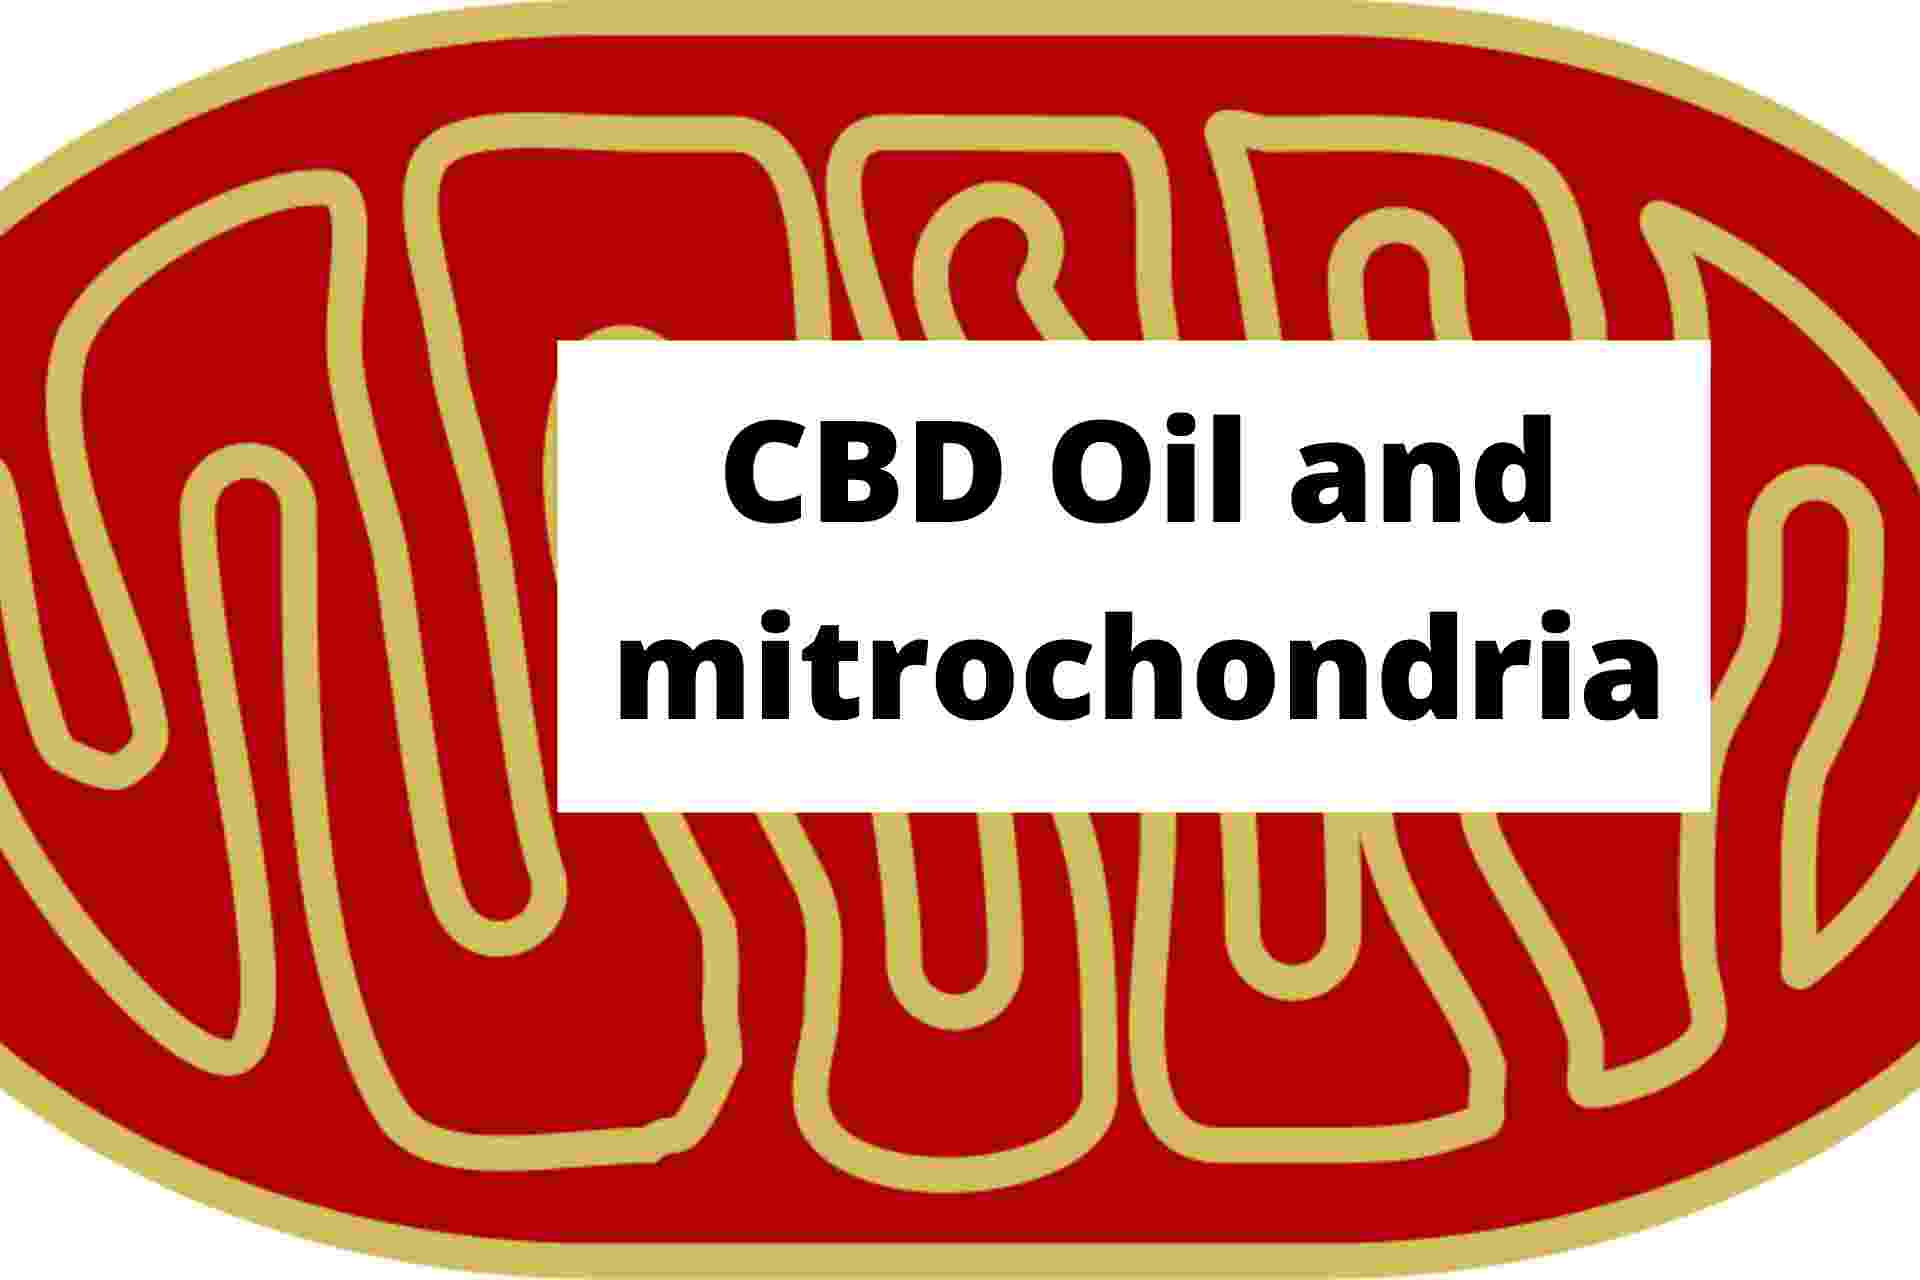 CBD Oil and mitrochondria